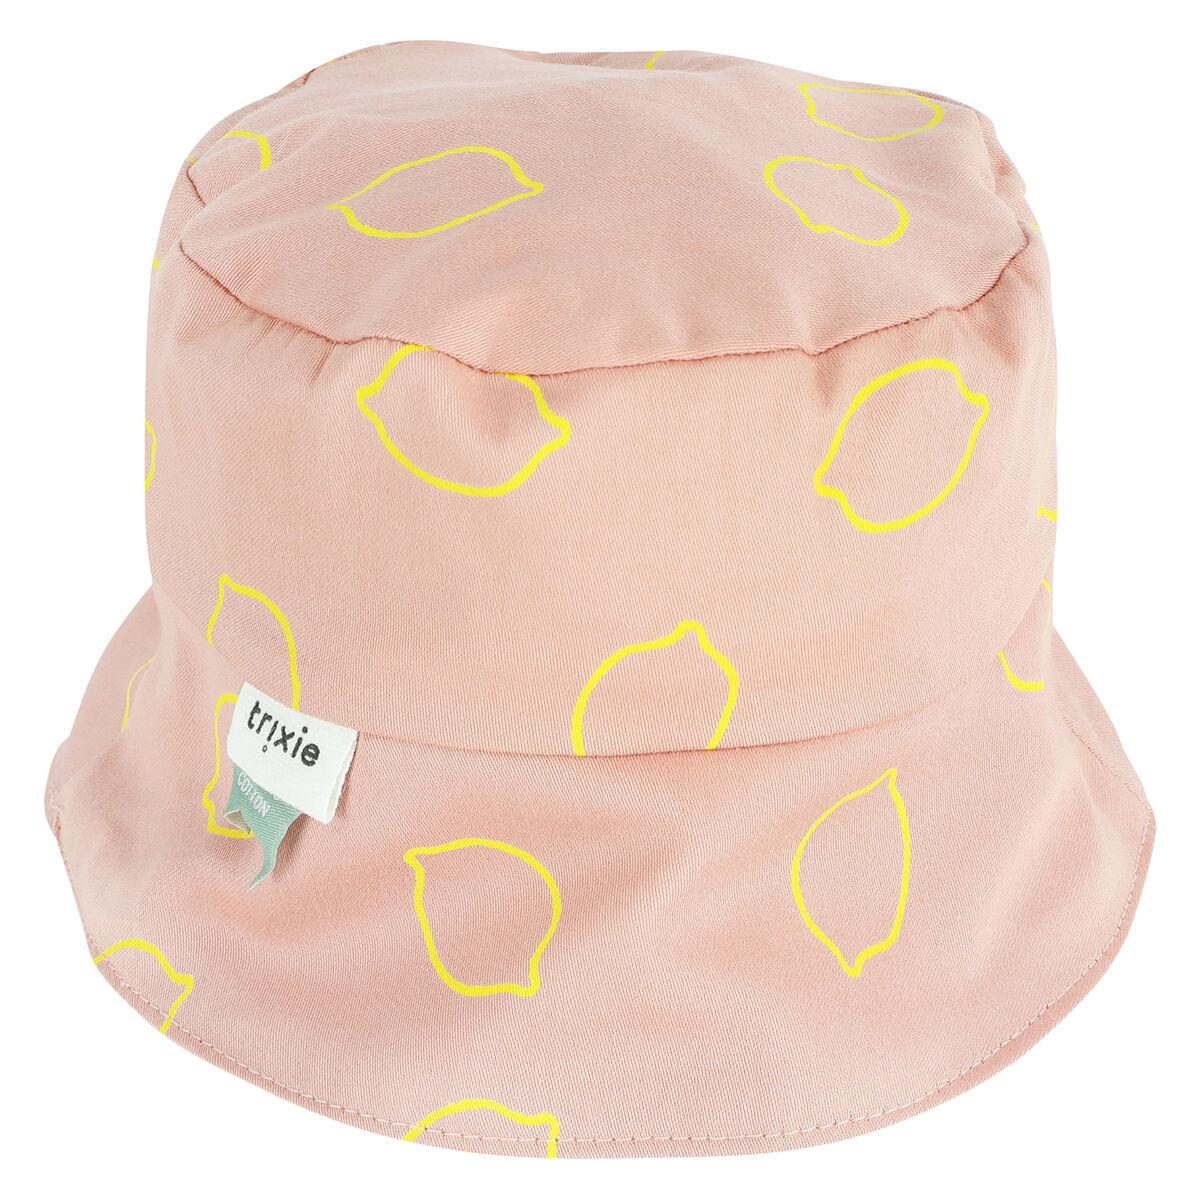 Trixie Baby Chapeau de Soleil Lemon Squash - 12/18 Mois